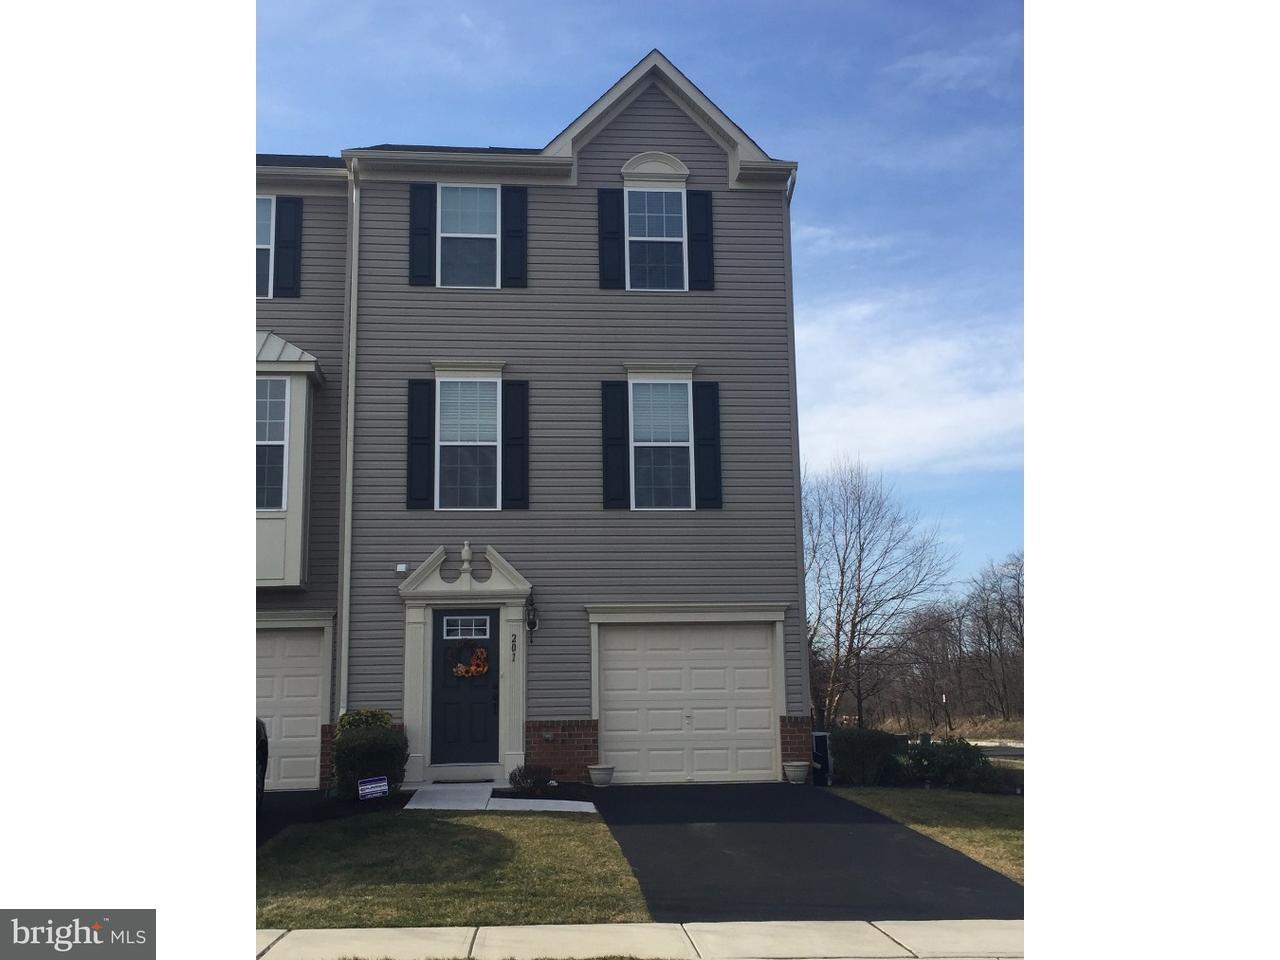 Eigentumswohnung für Verkauf beim 201 PERRY WAY Cinnaminson Township, New Jersey 08077 Vereinigte Staaten